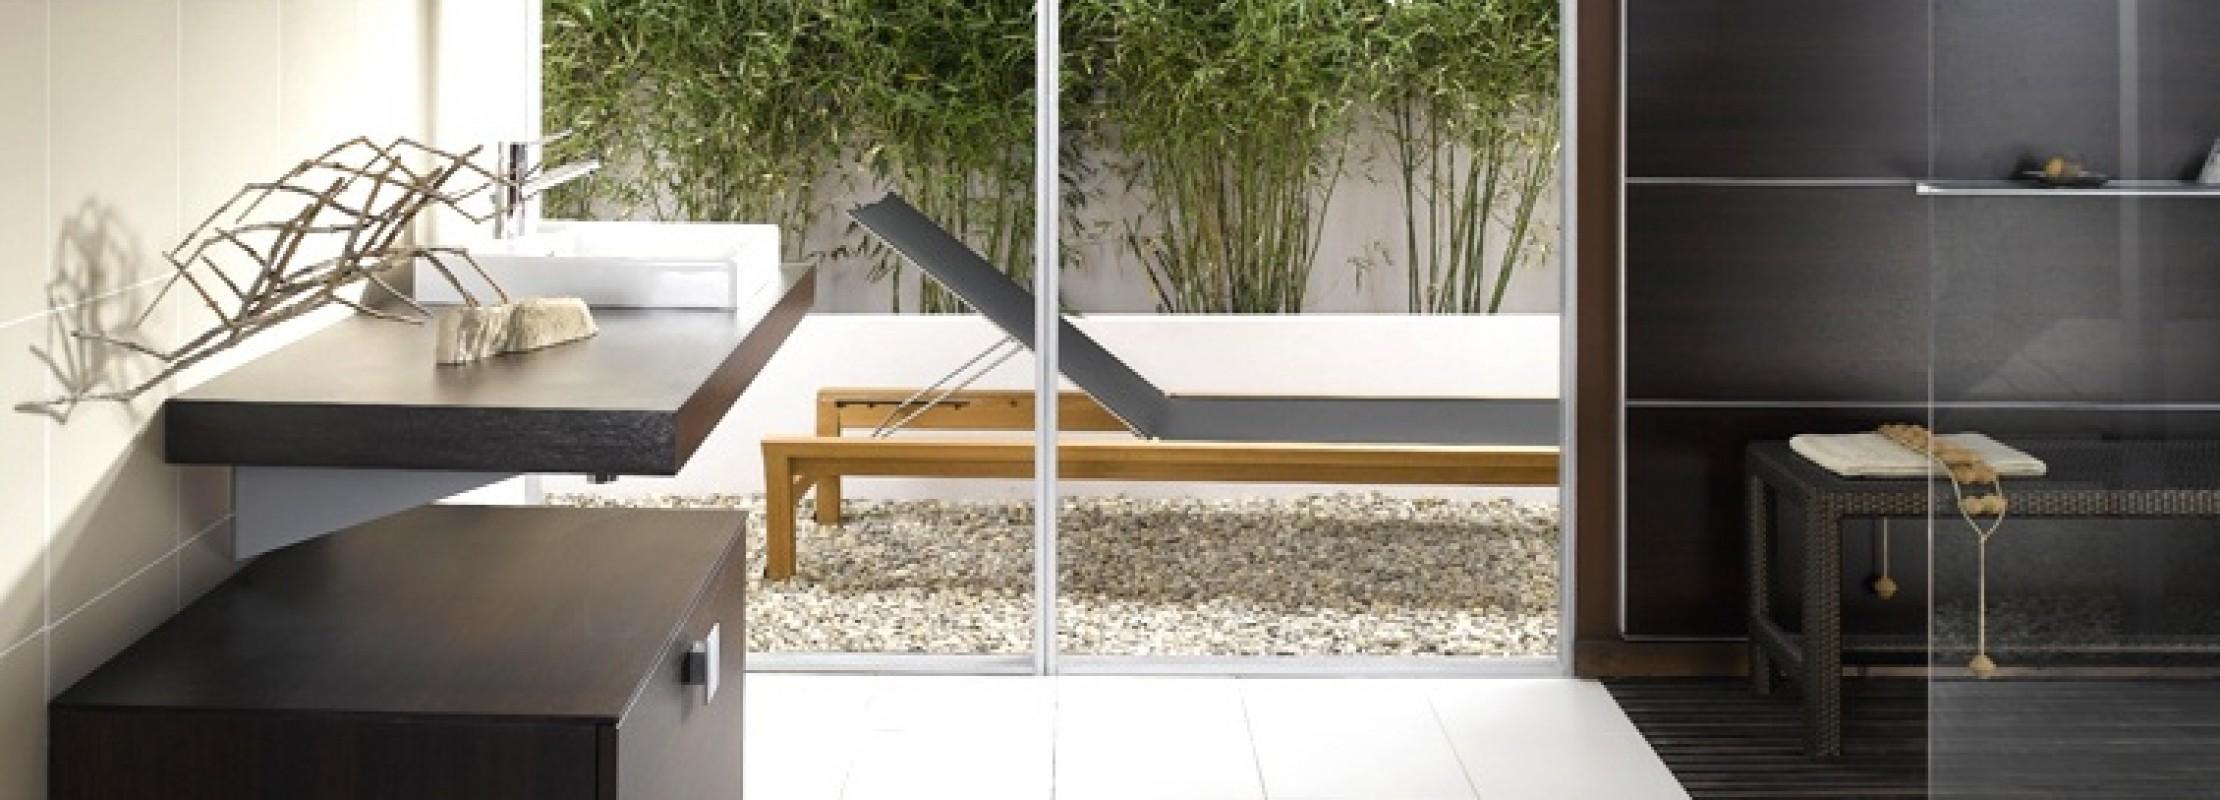 Esempi Di Bagno Moderno.Bagni Moderni I Principi Delle Nuove Tendenze Blog Edilnet